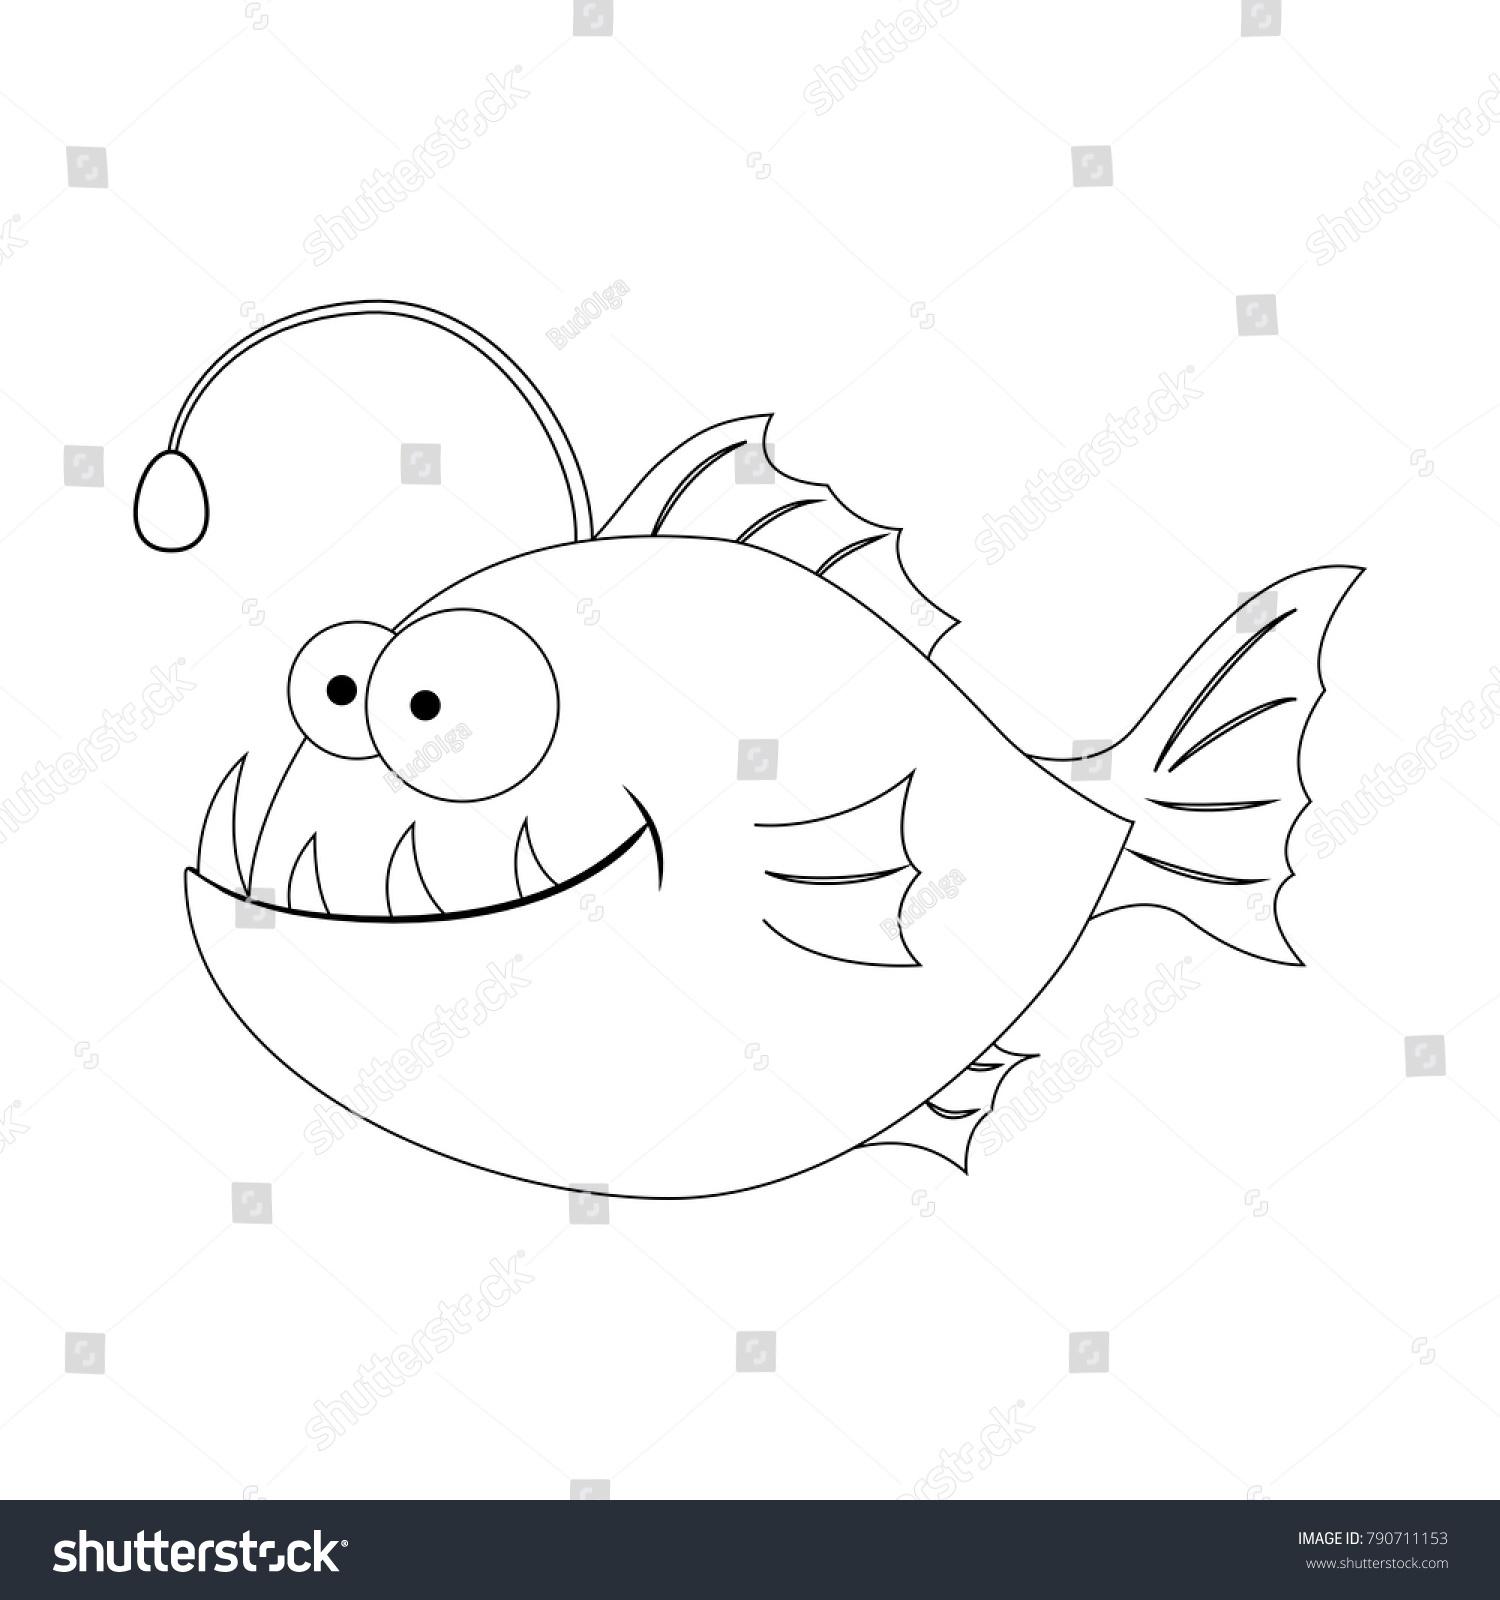 Malvorlagen Angler Zum Ausmalen